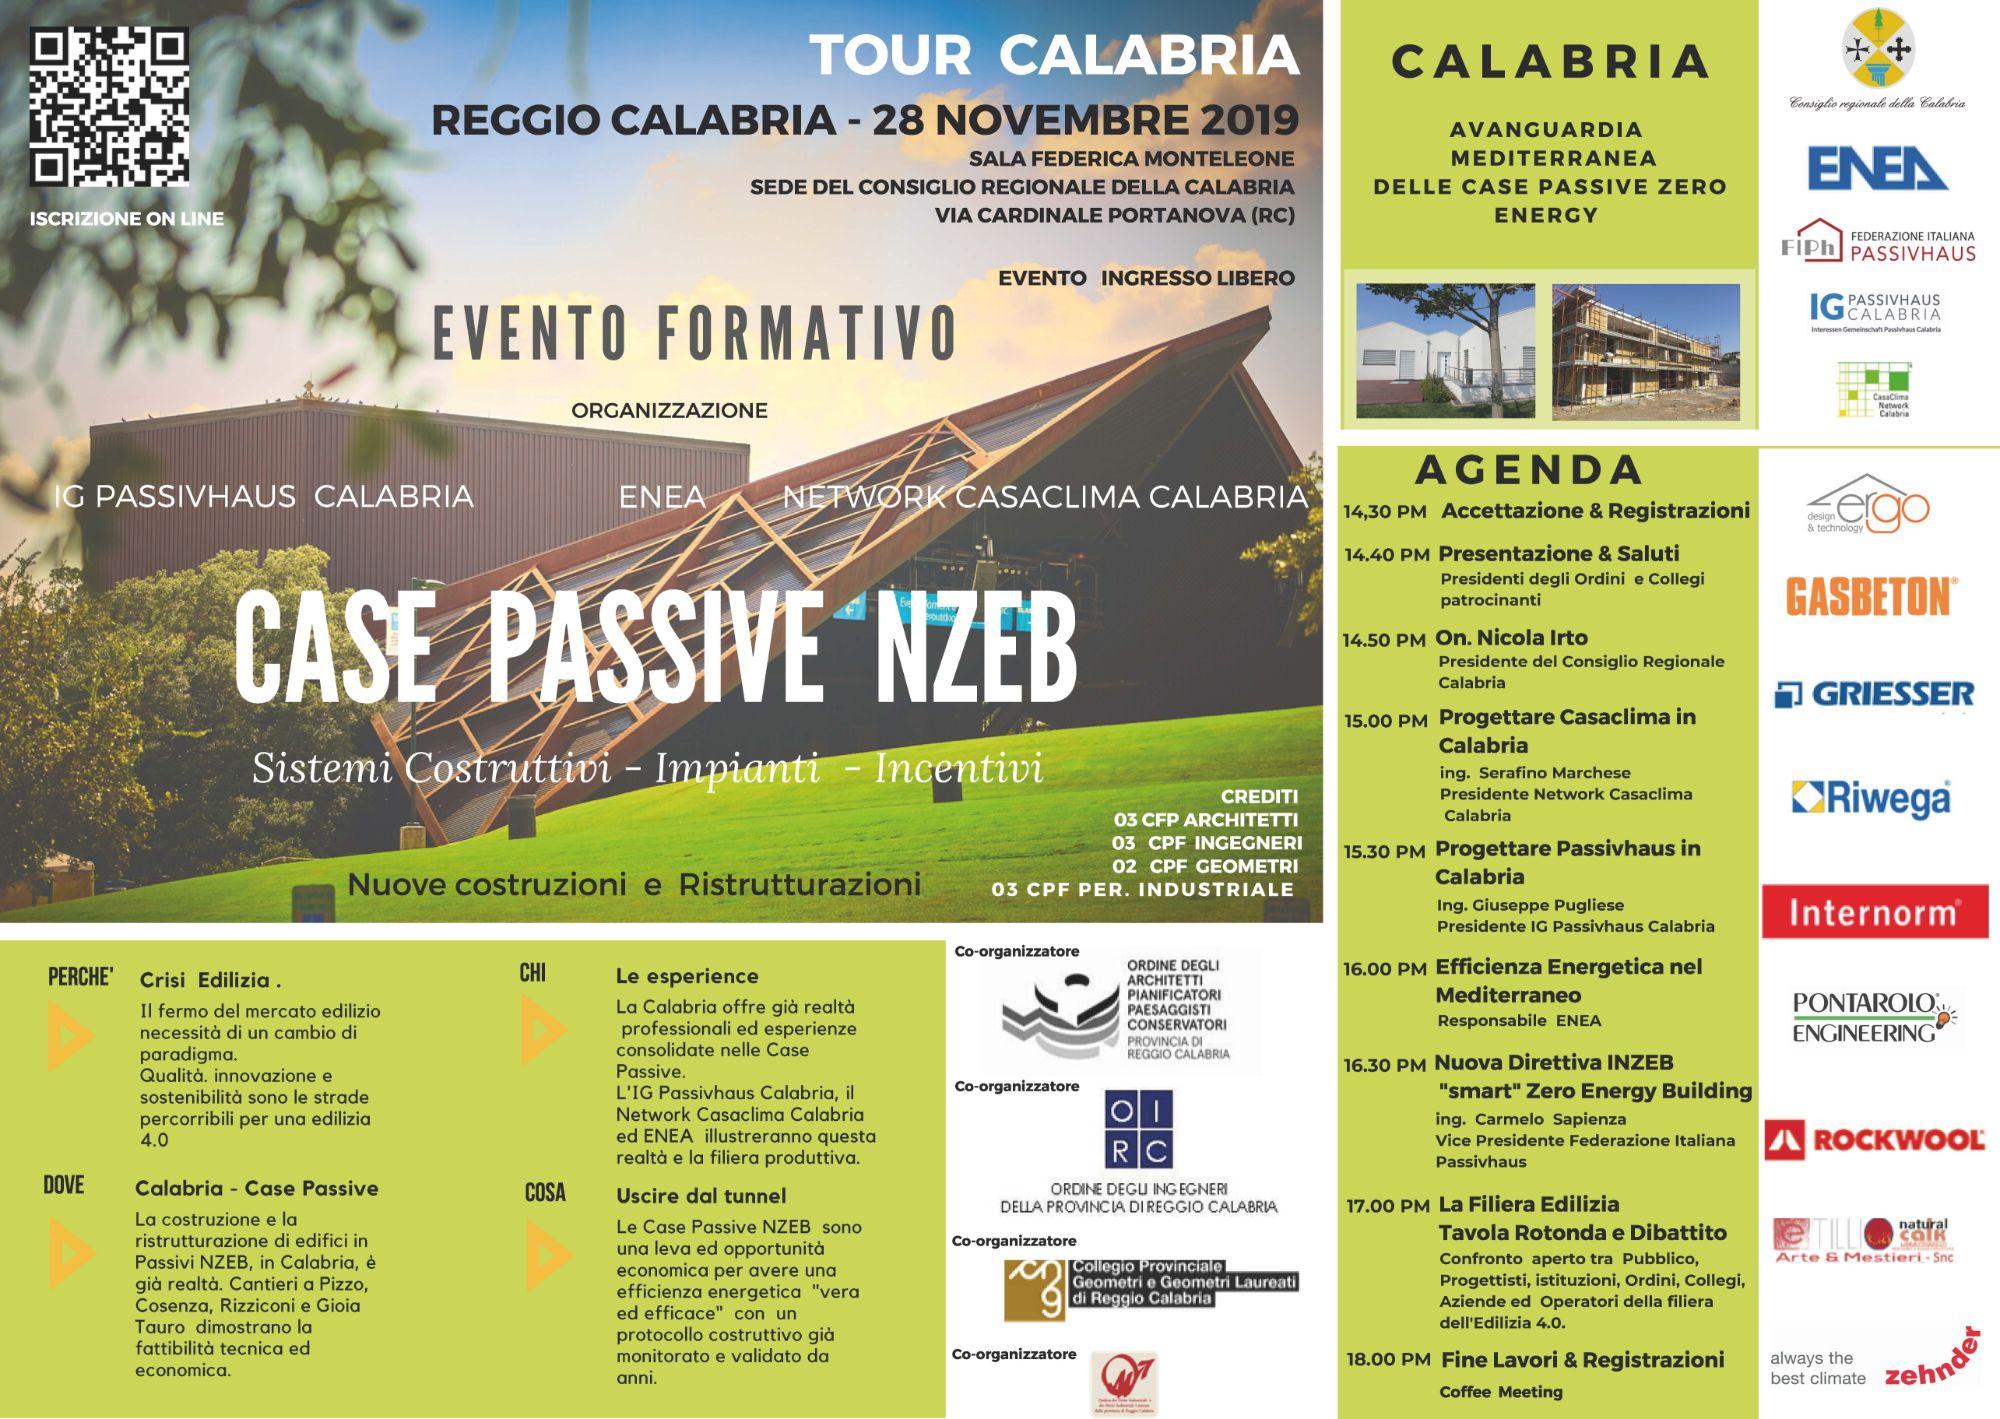 REGGIO CALABRIA - CASE PASSIVE NZEB